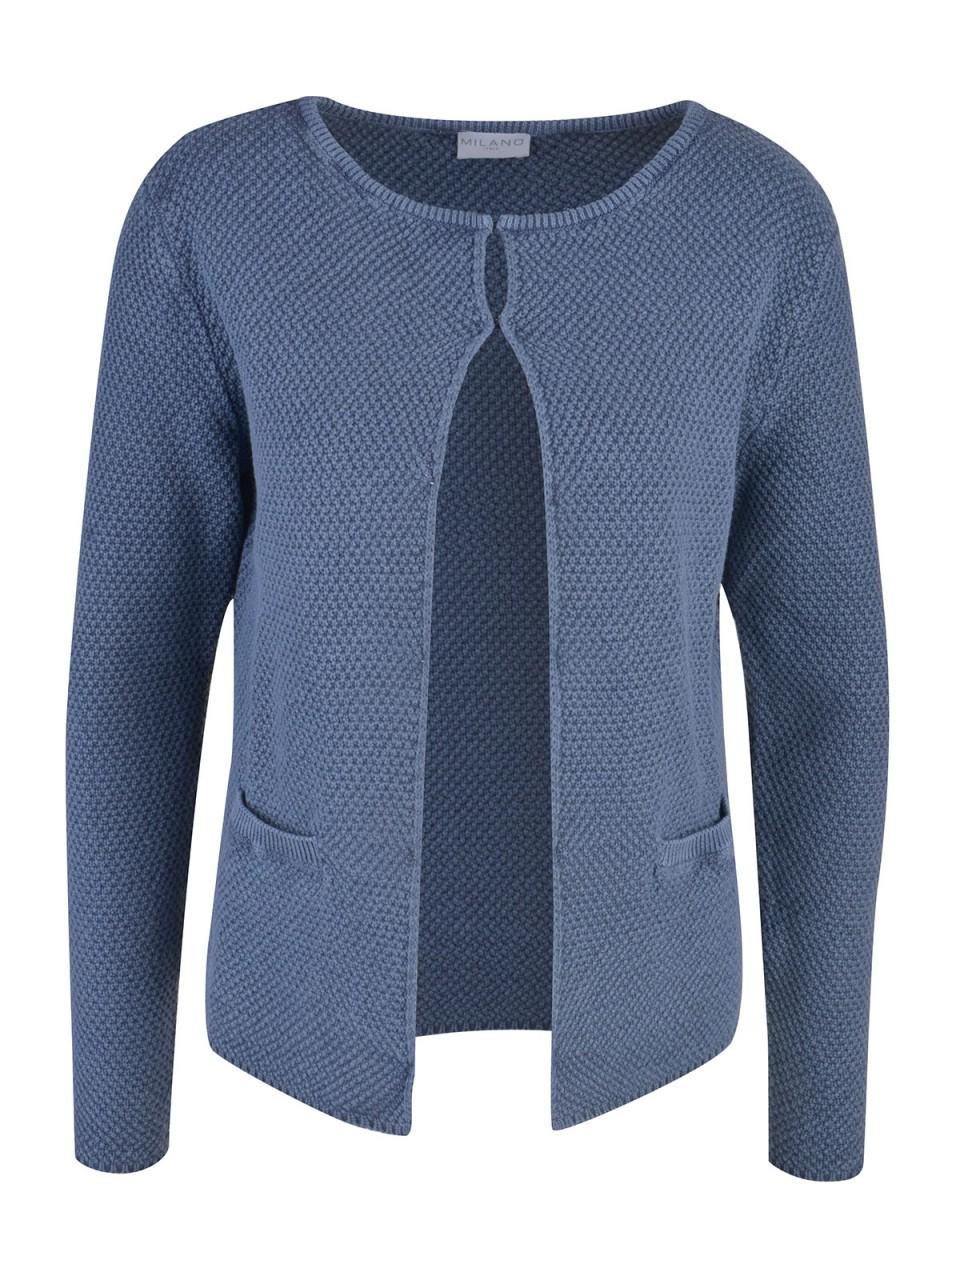 milano-italy-damen-cardigan-blau